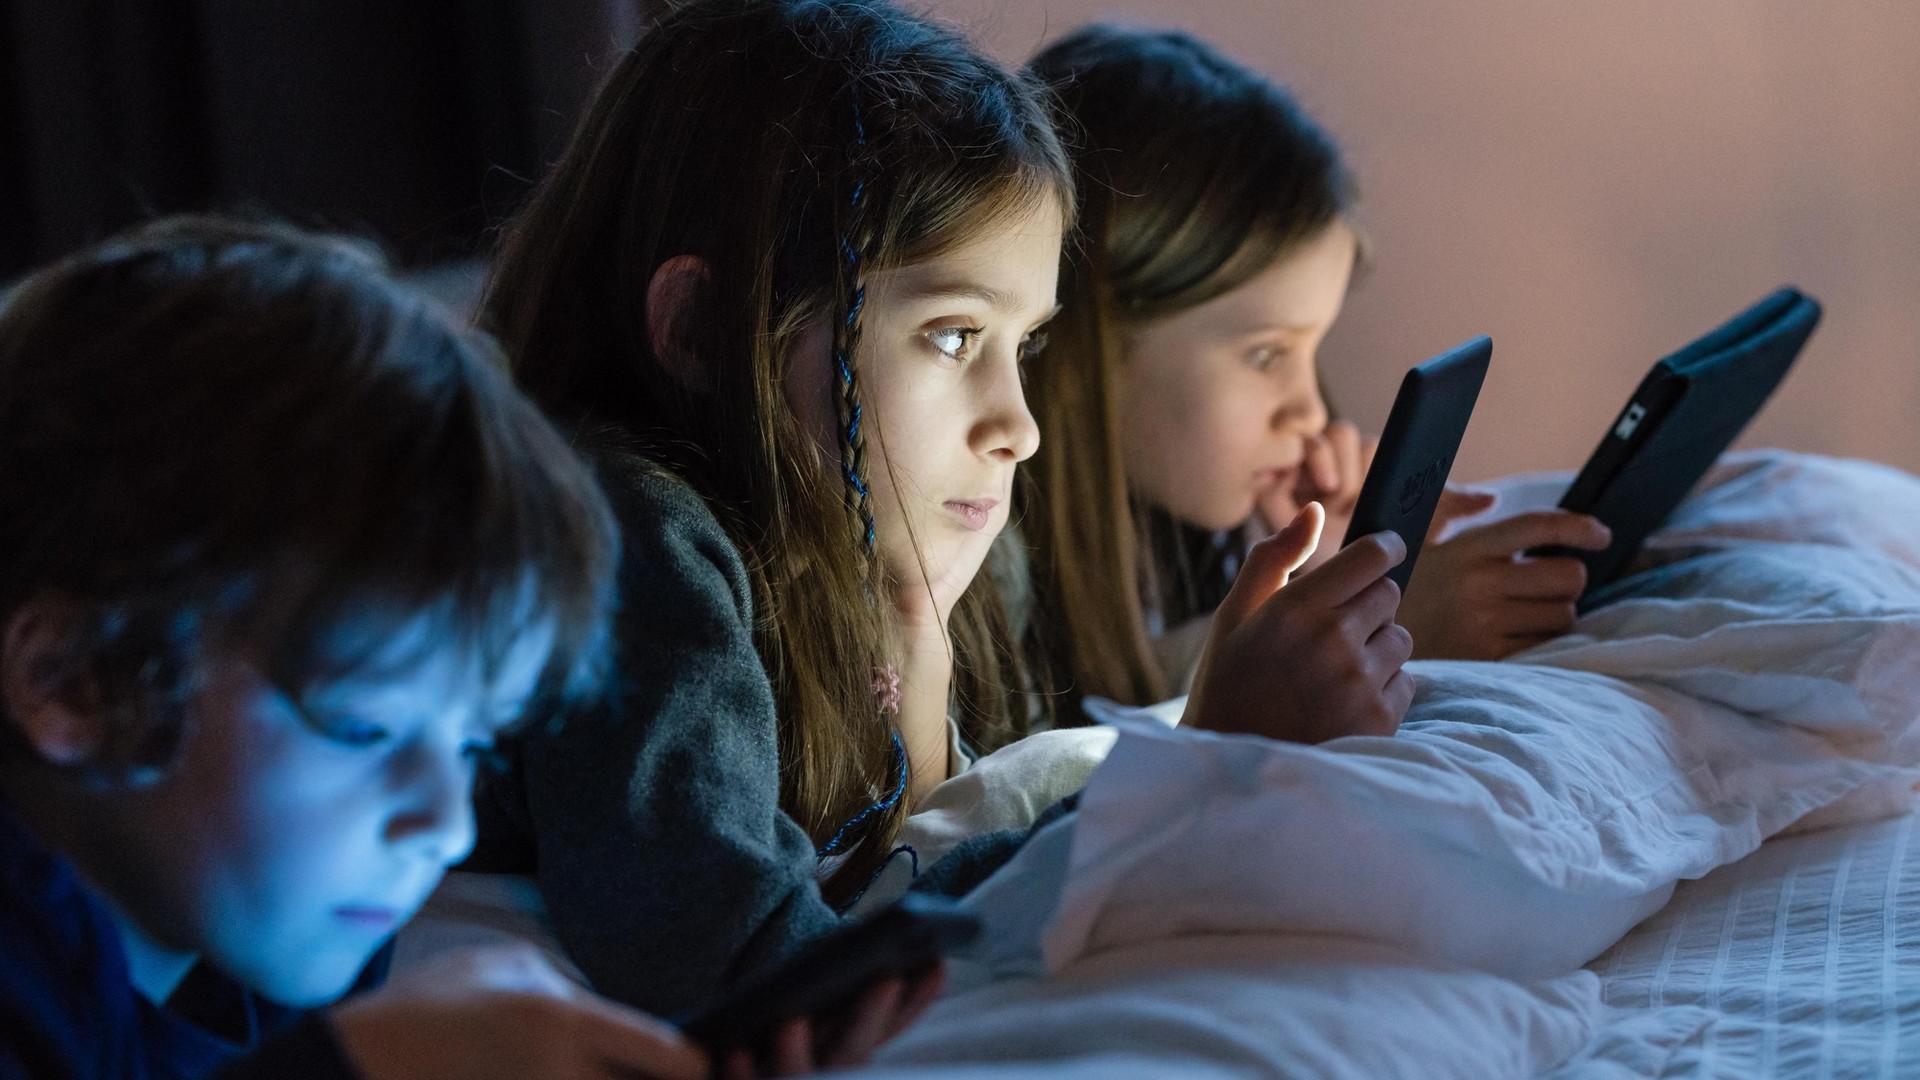 Dzieci uzależnione od smartfonów i internetu - Noizz